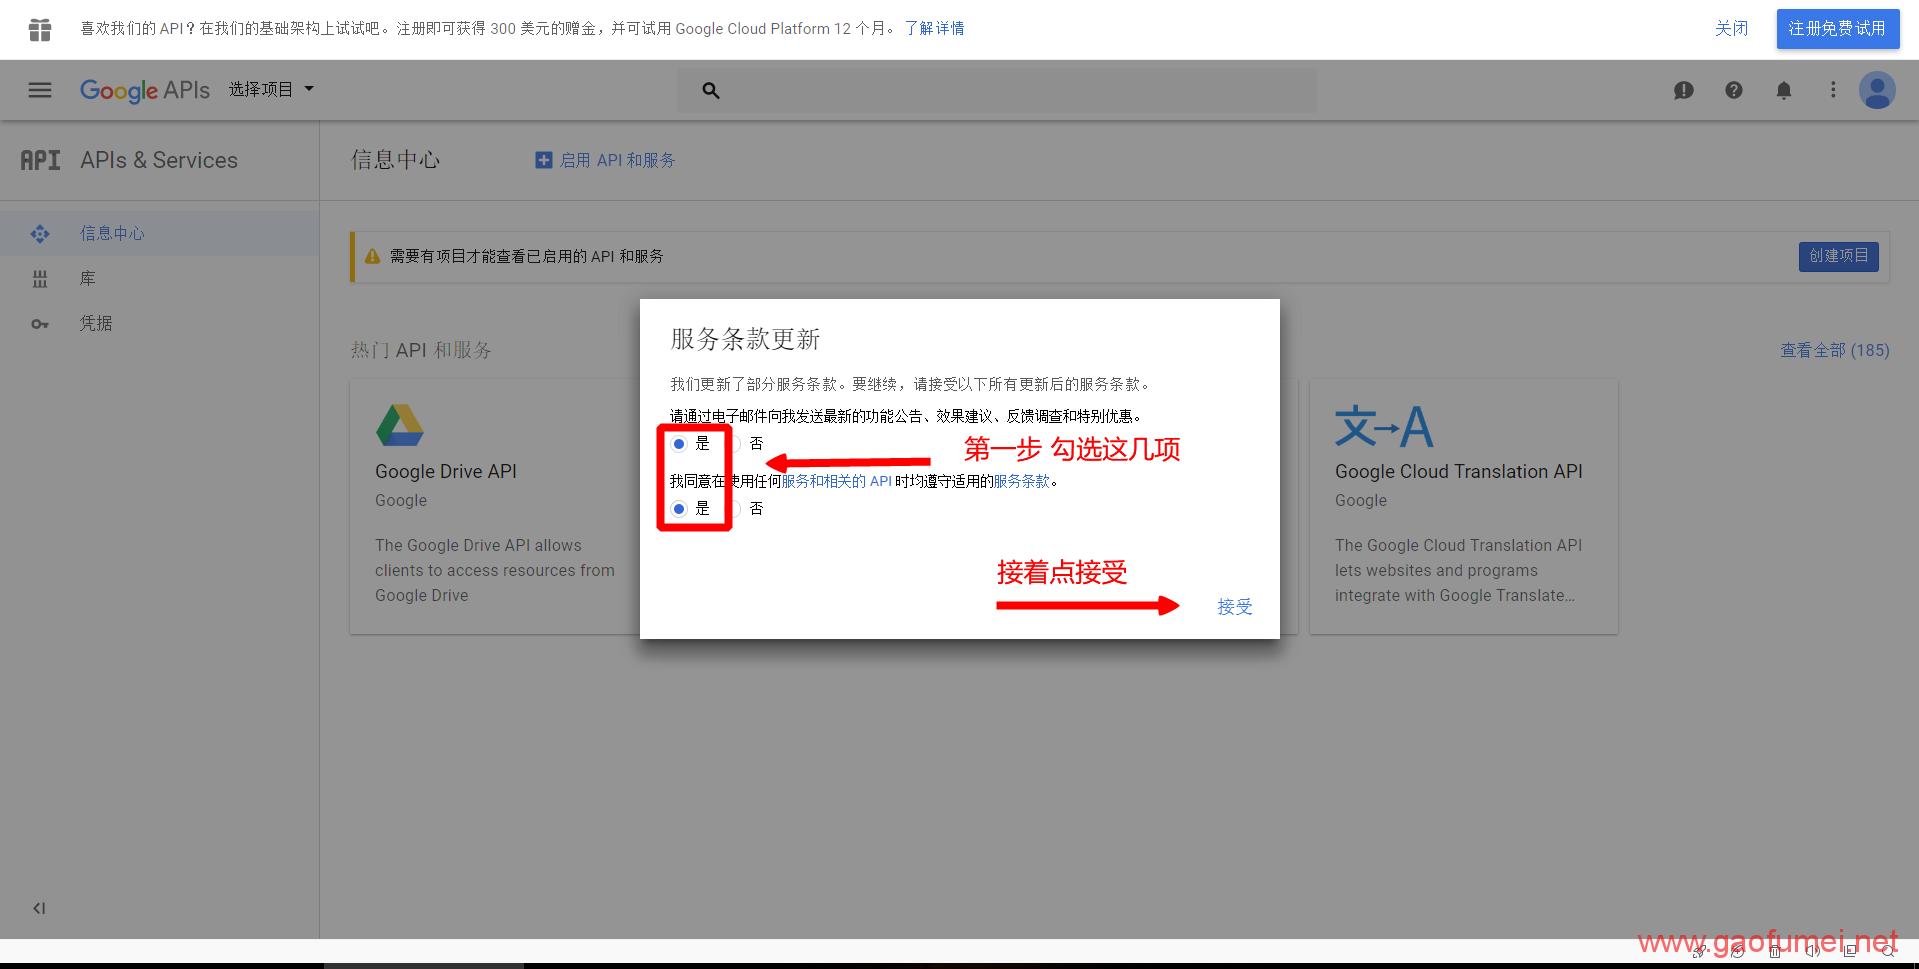 低成本搭建私人Youtube镜像,国外PHP虚拟搭建油管镜像攻略! 网络问题 第1张-泥人传说